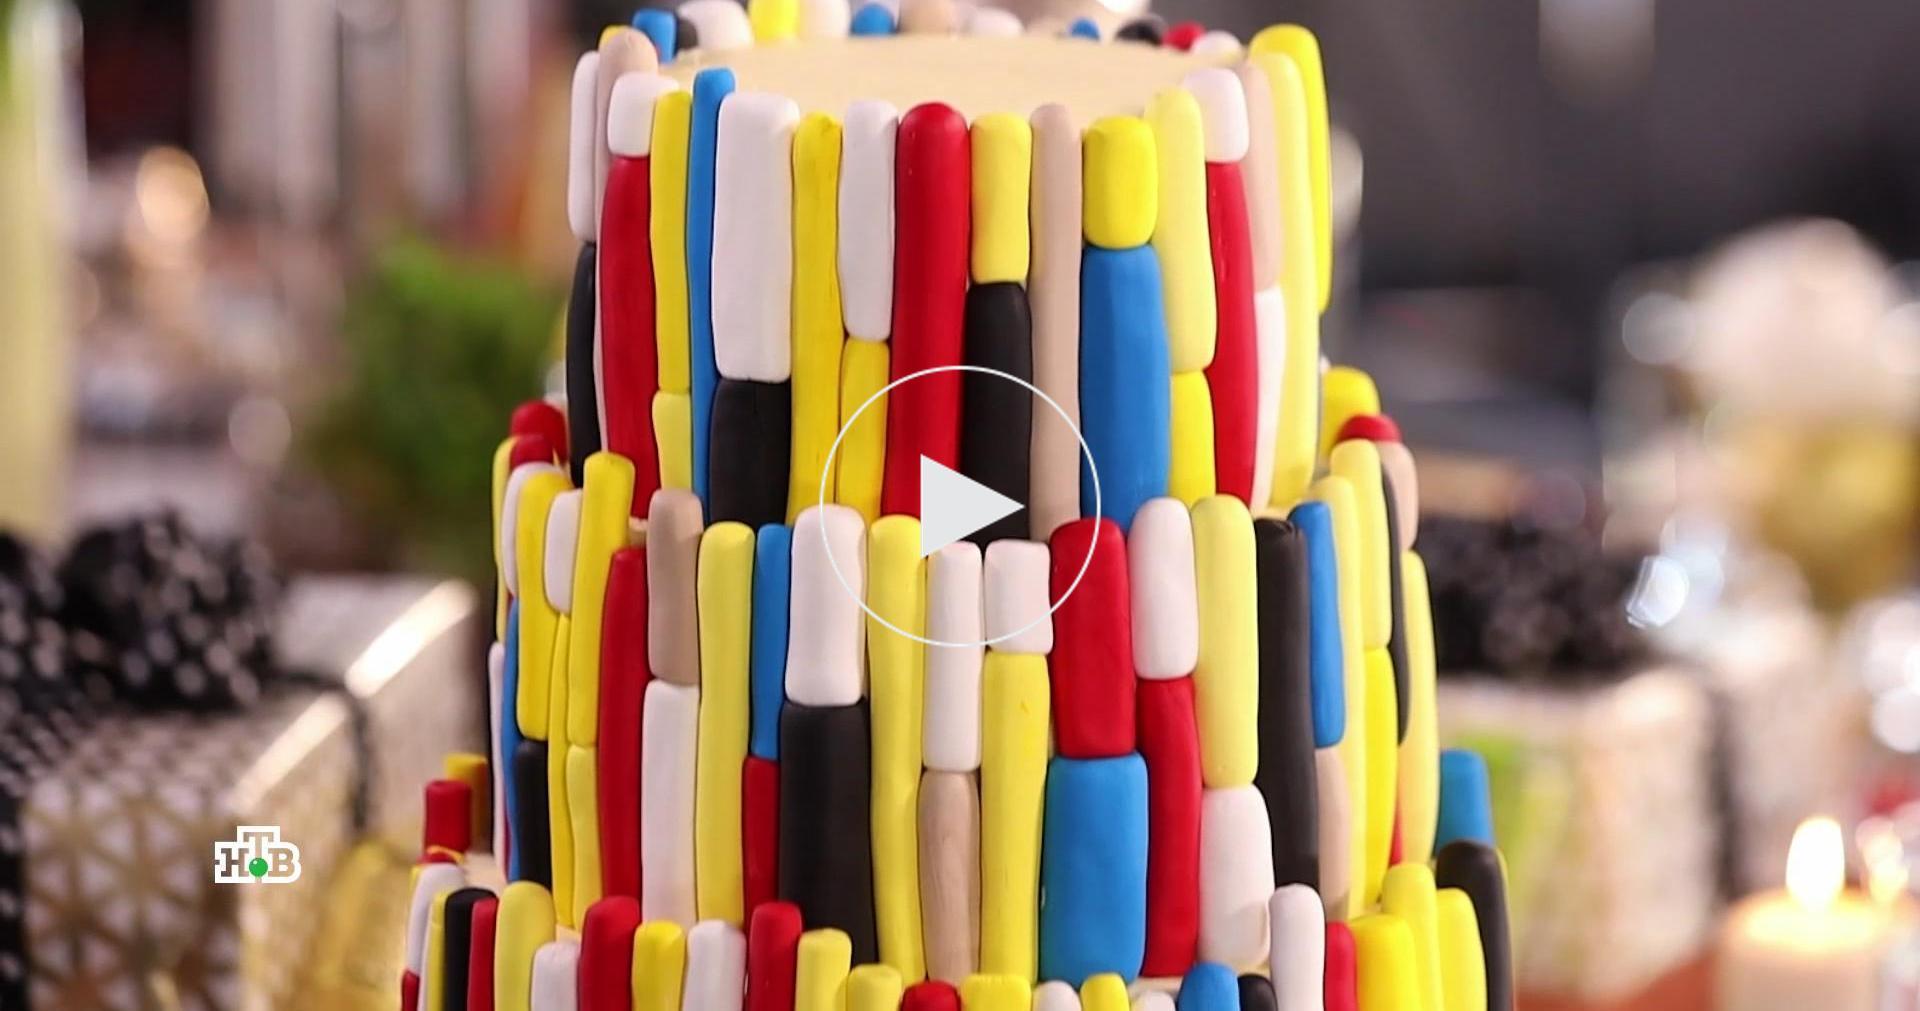 Цветная мастика на тортах: опаснали она для детей ивзрослых?